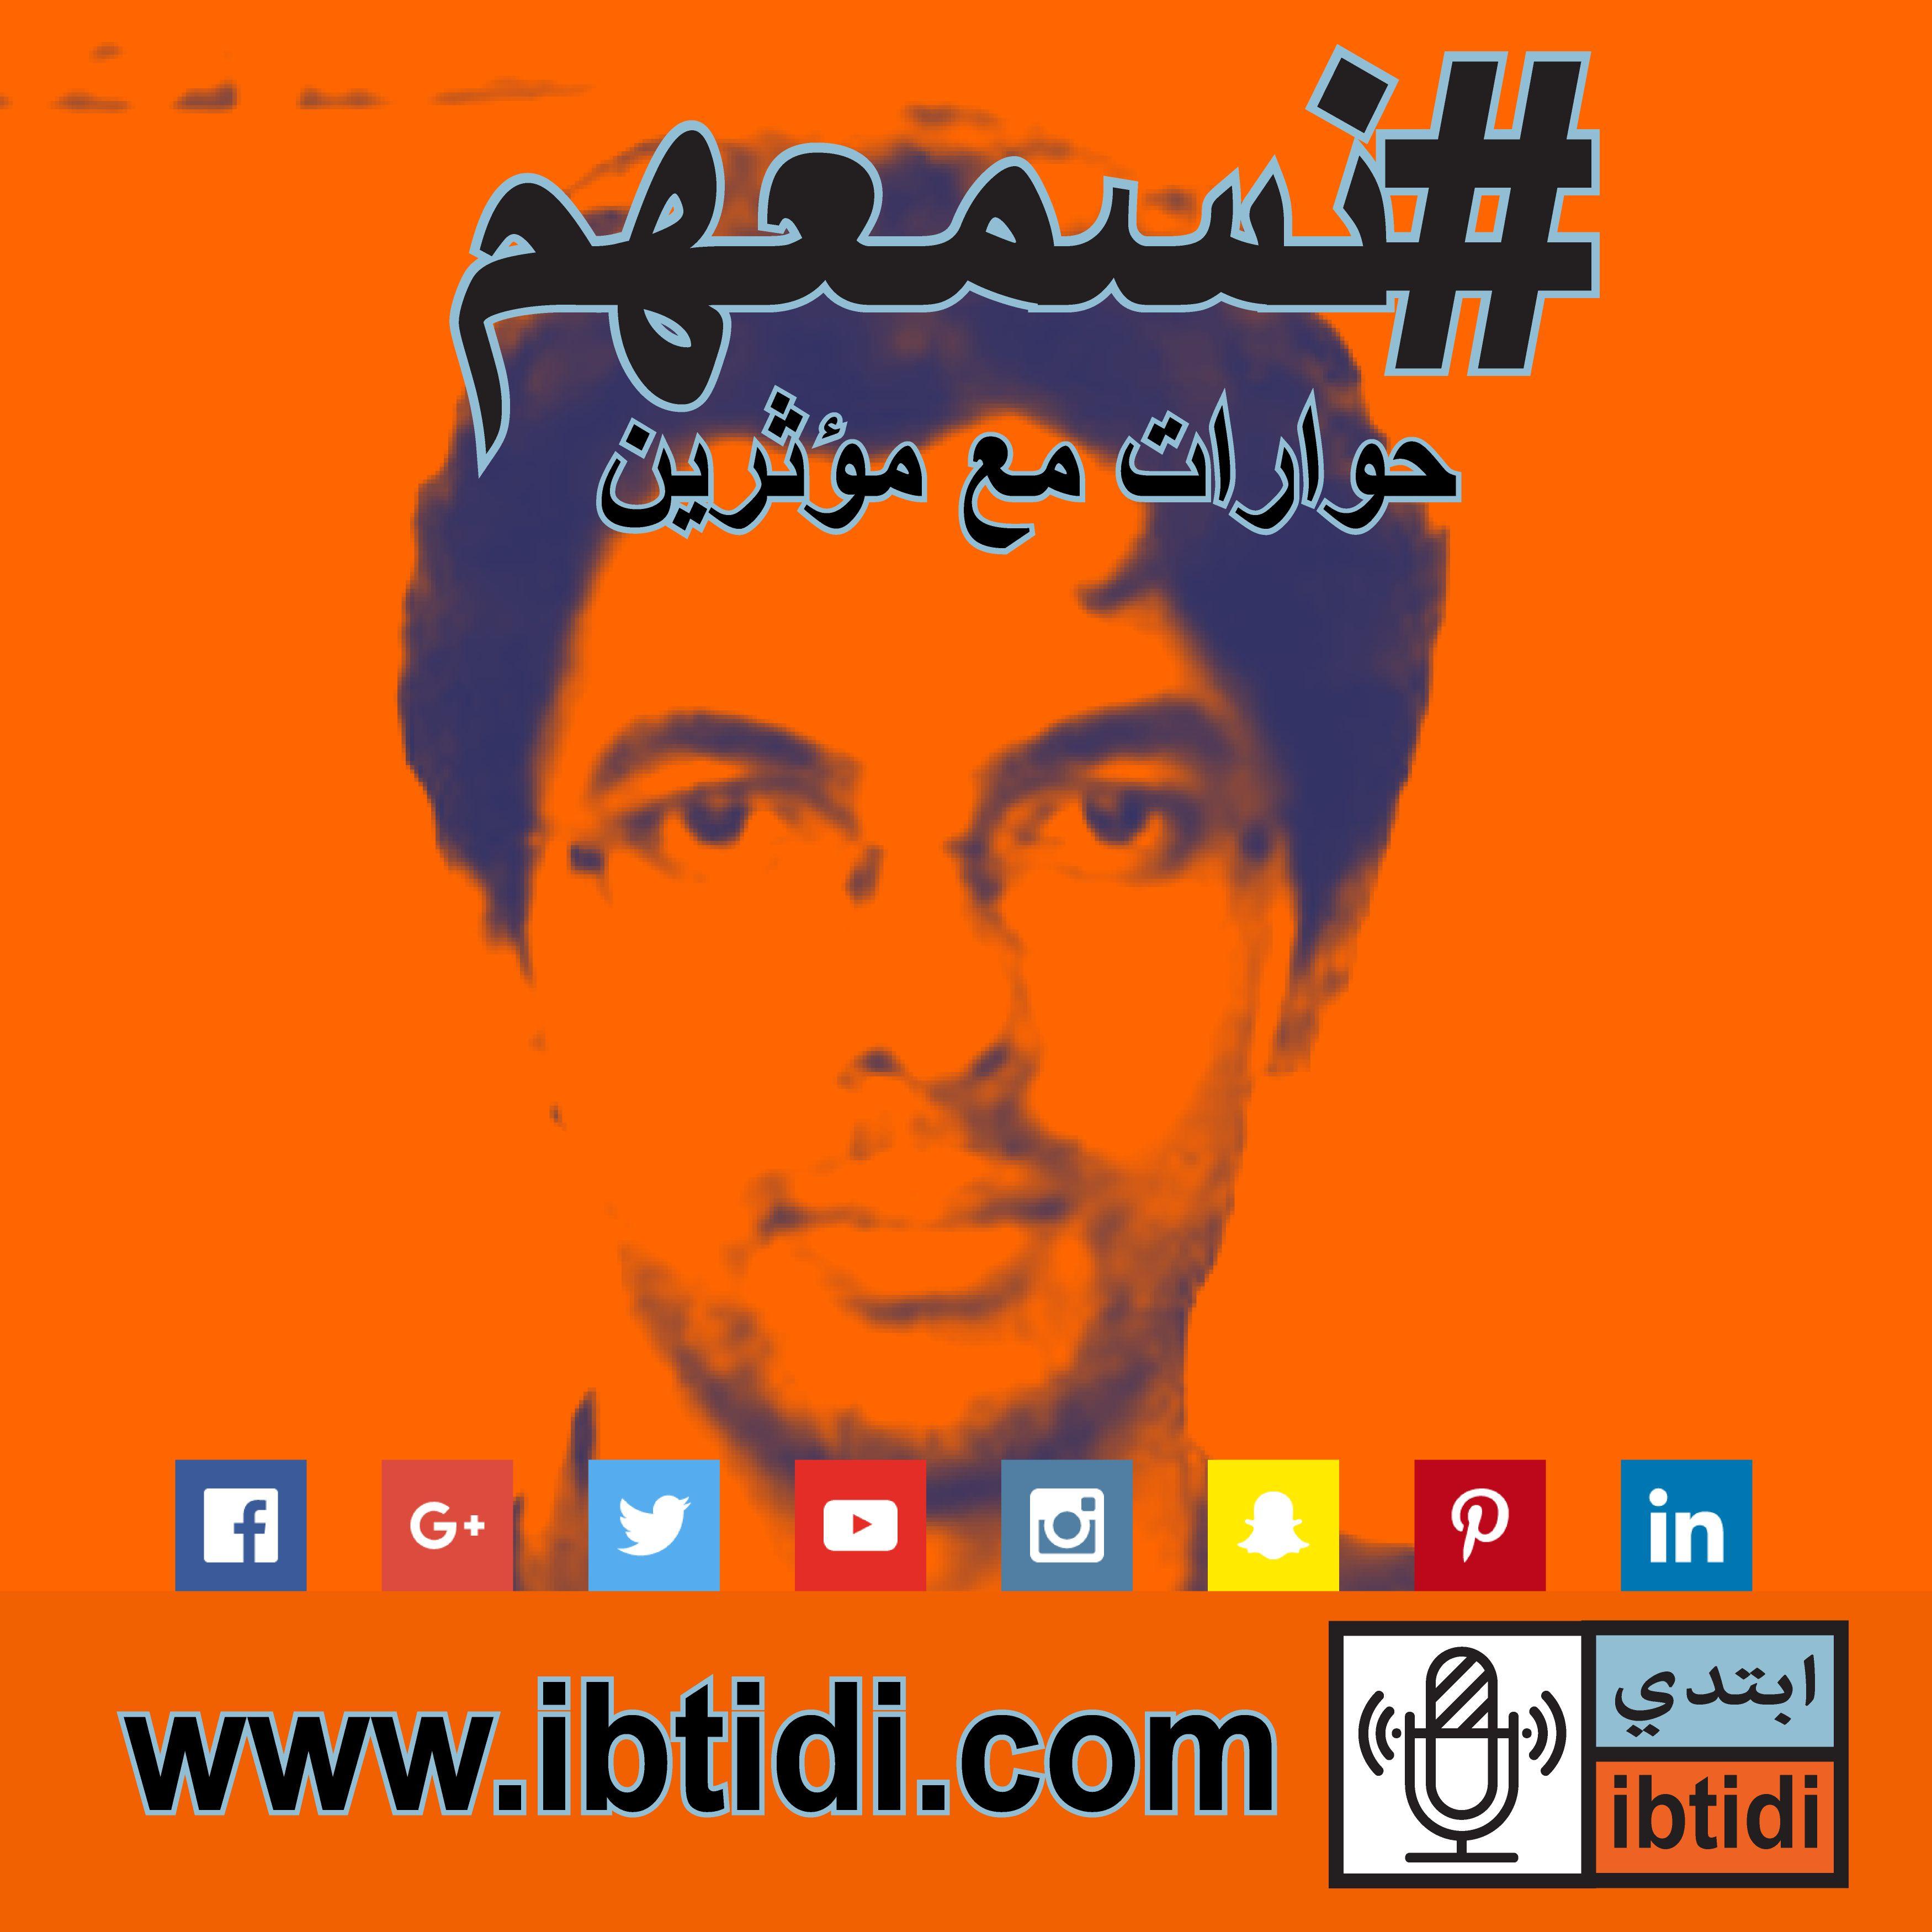 برنامج #نسمعهم - حلقة ٠٠٣ - أحمد غربية - البرامج الحرة المصدر و المشاع الإبداعي.